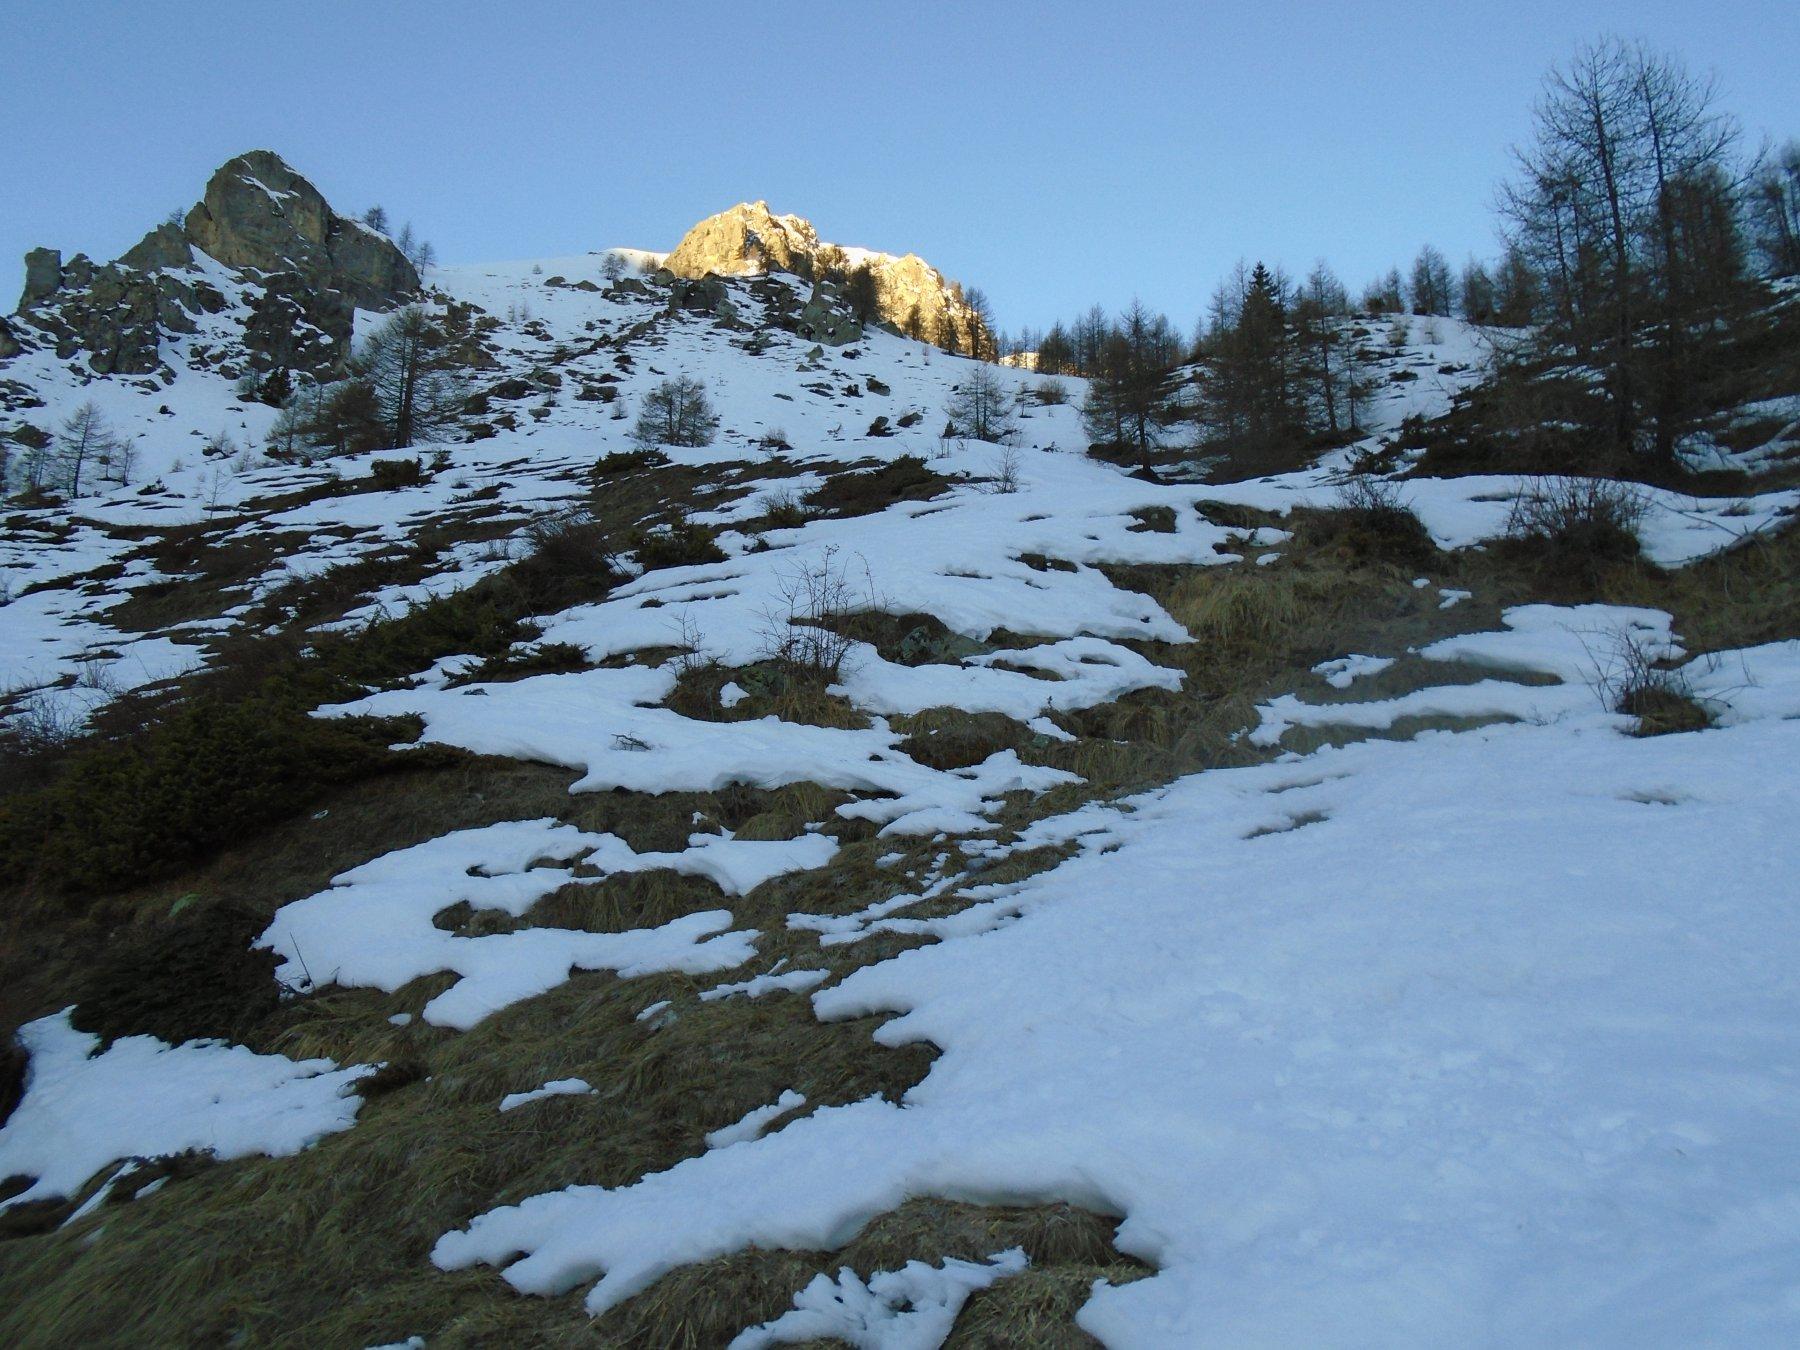 Da Gr.Mozzegliera: direttamente dal pendio fra le due rocche o aggirando il bosco a dx